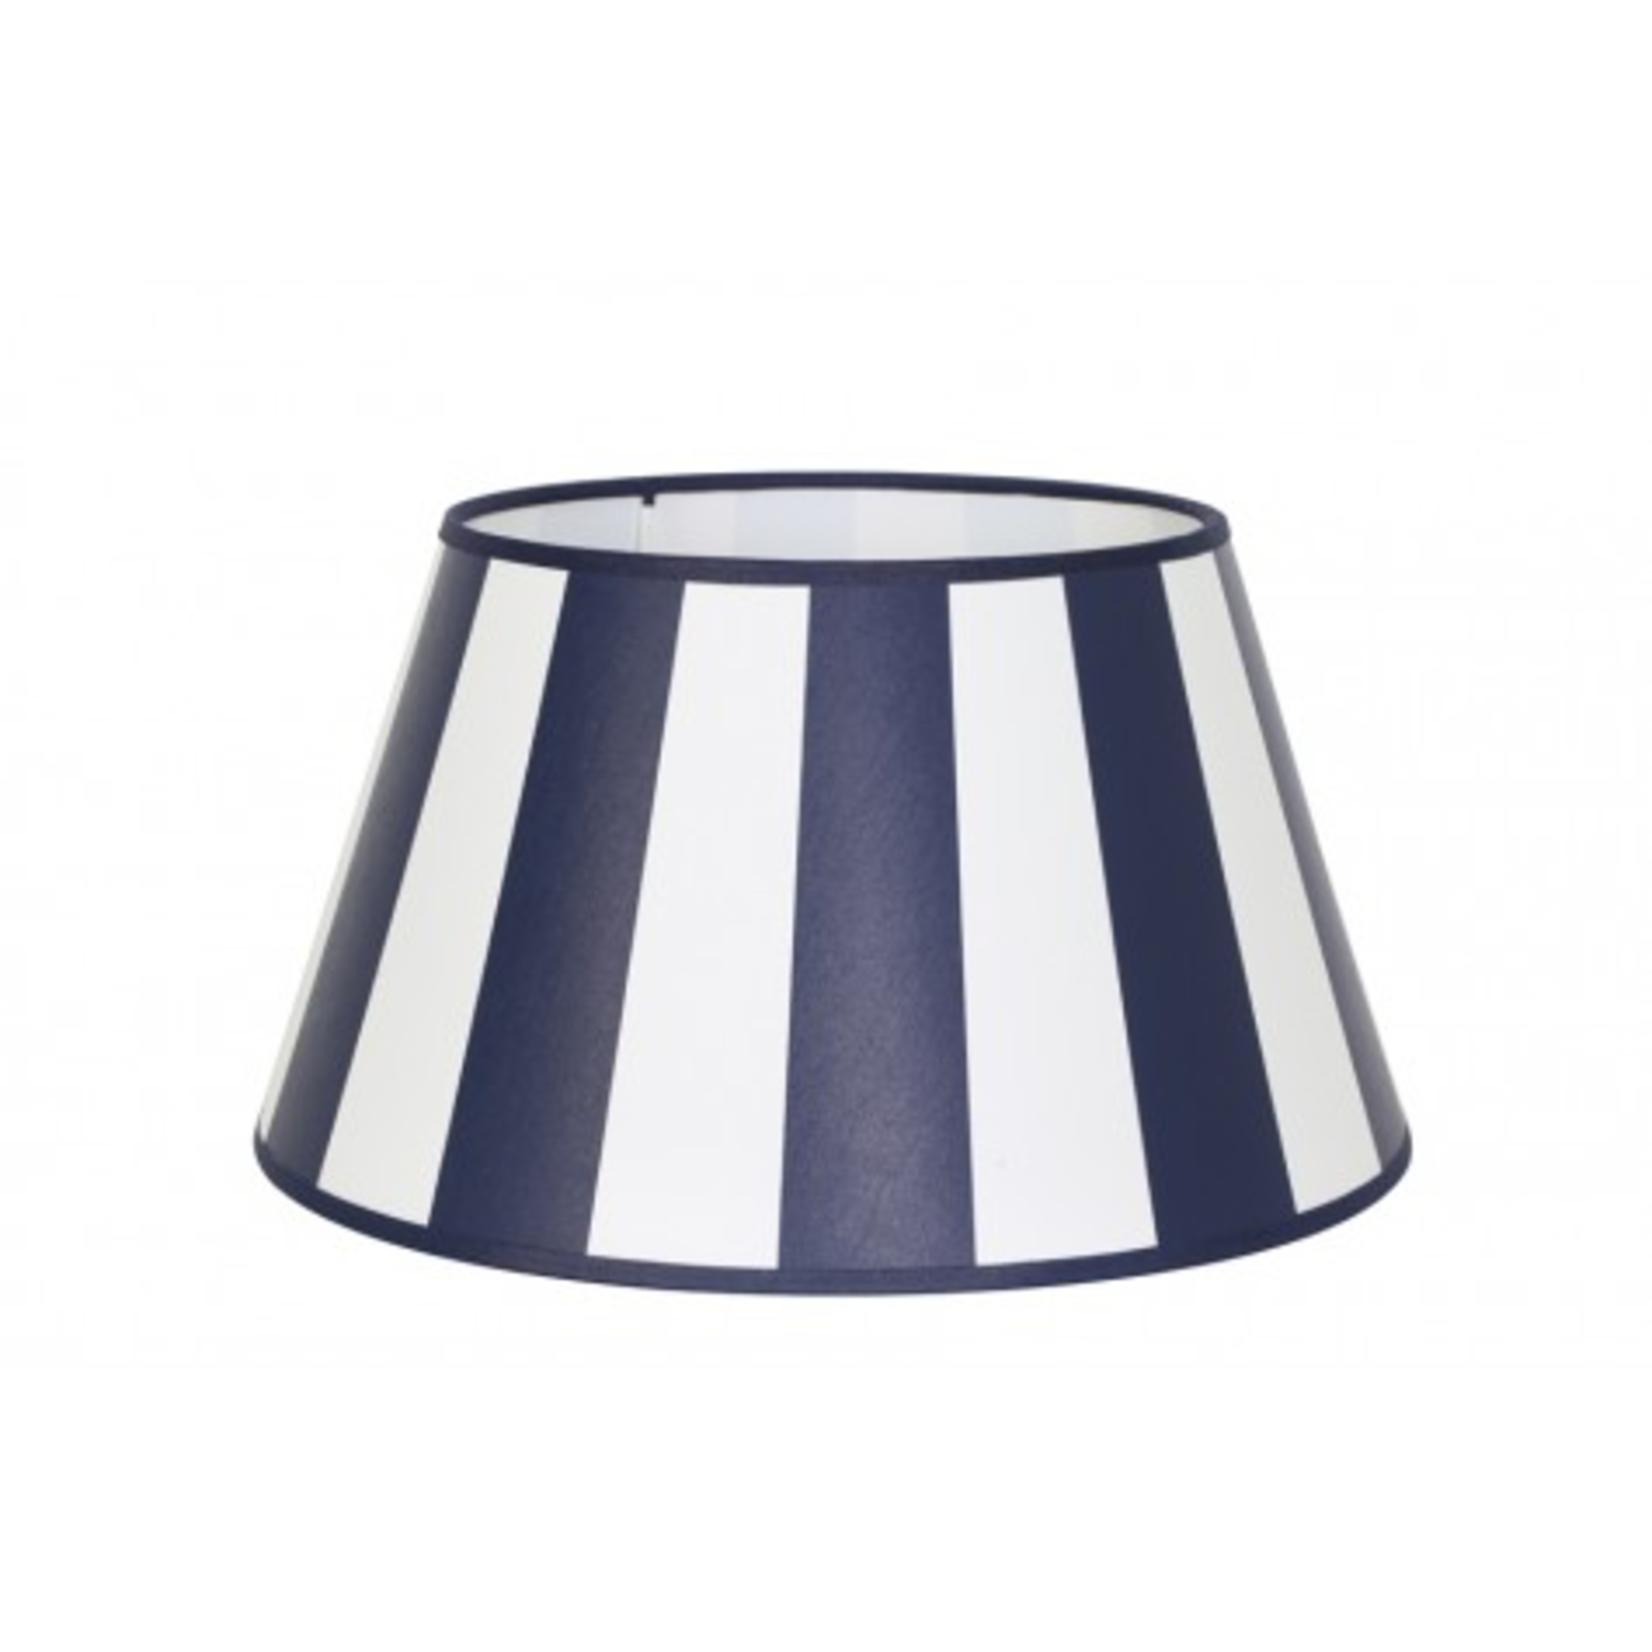 Light & Living Drum Shade 20x15x13cm KING navy blue